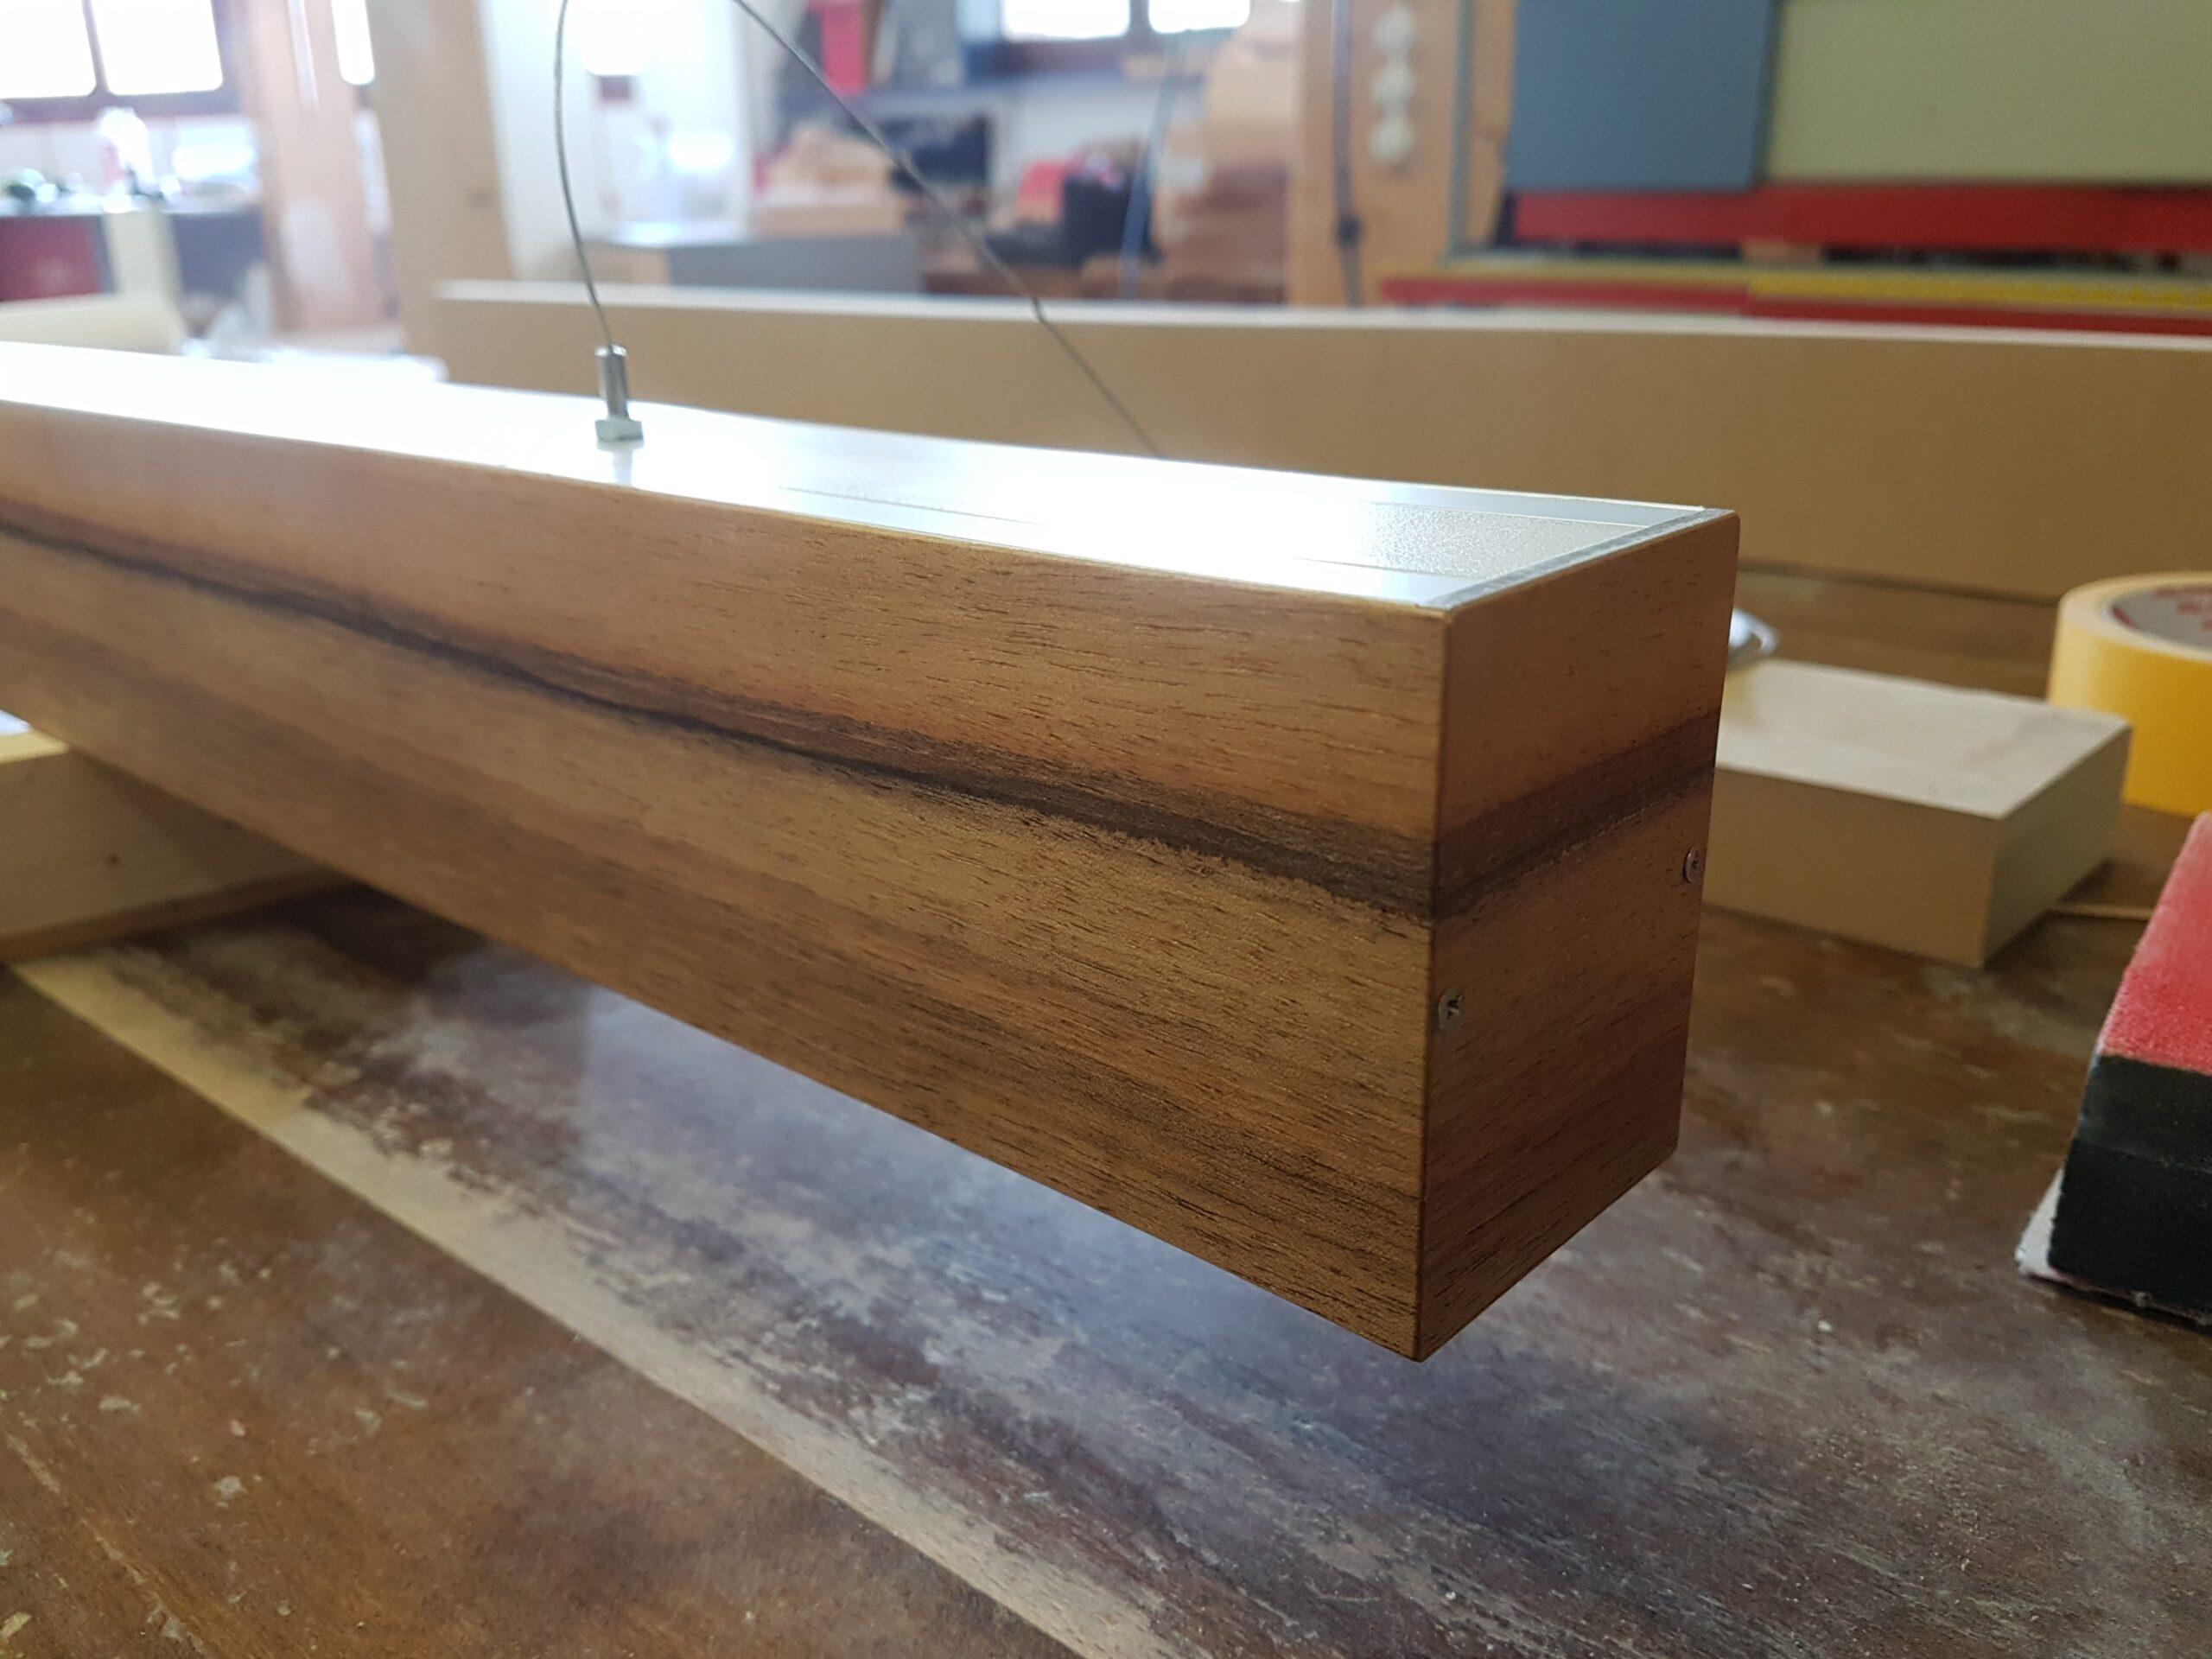 Wooddesign_Holzleuchten_LED-Beleuchtung_Licht_Indirekte Beleuchtung_Direkte Beleuchtung_Holzdesign (5)-min